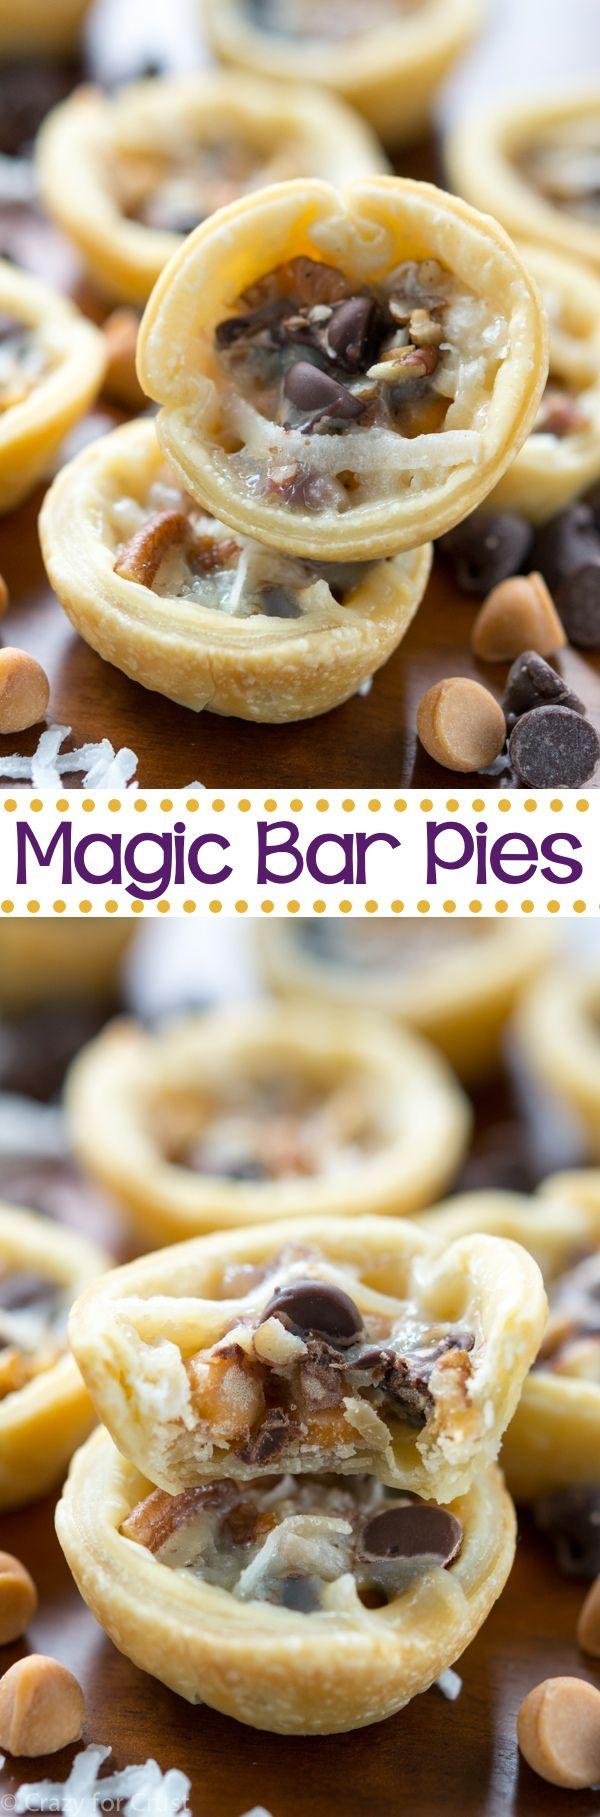 Mini Bar Magia Pies gusto como una barra de magia en una corteza de pastel.  Una receta fácil para un pastel de tamaño bocado llena de chocolate y el sabor del caramelo!